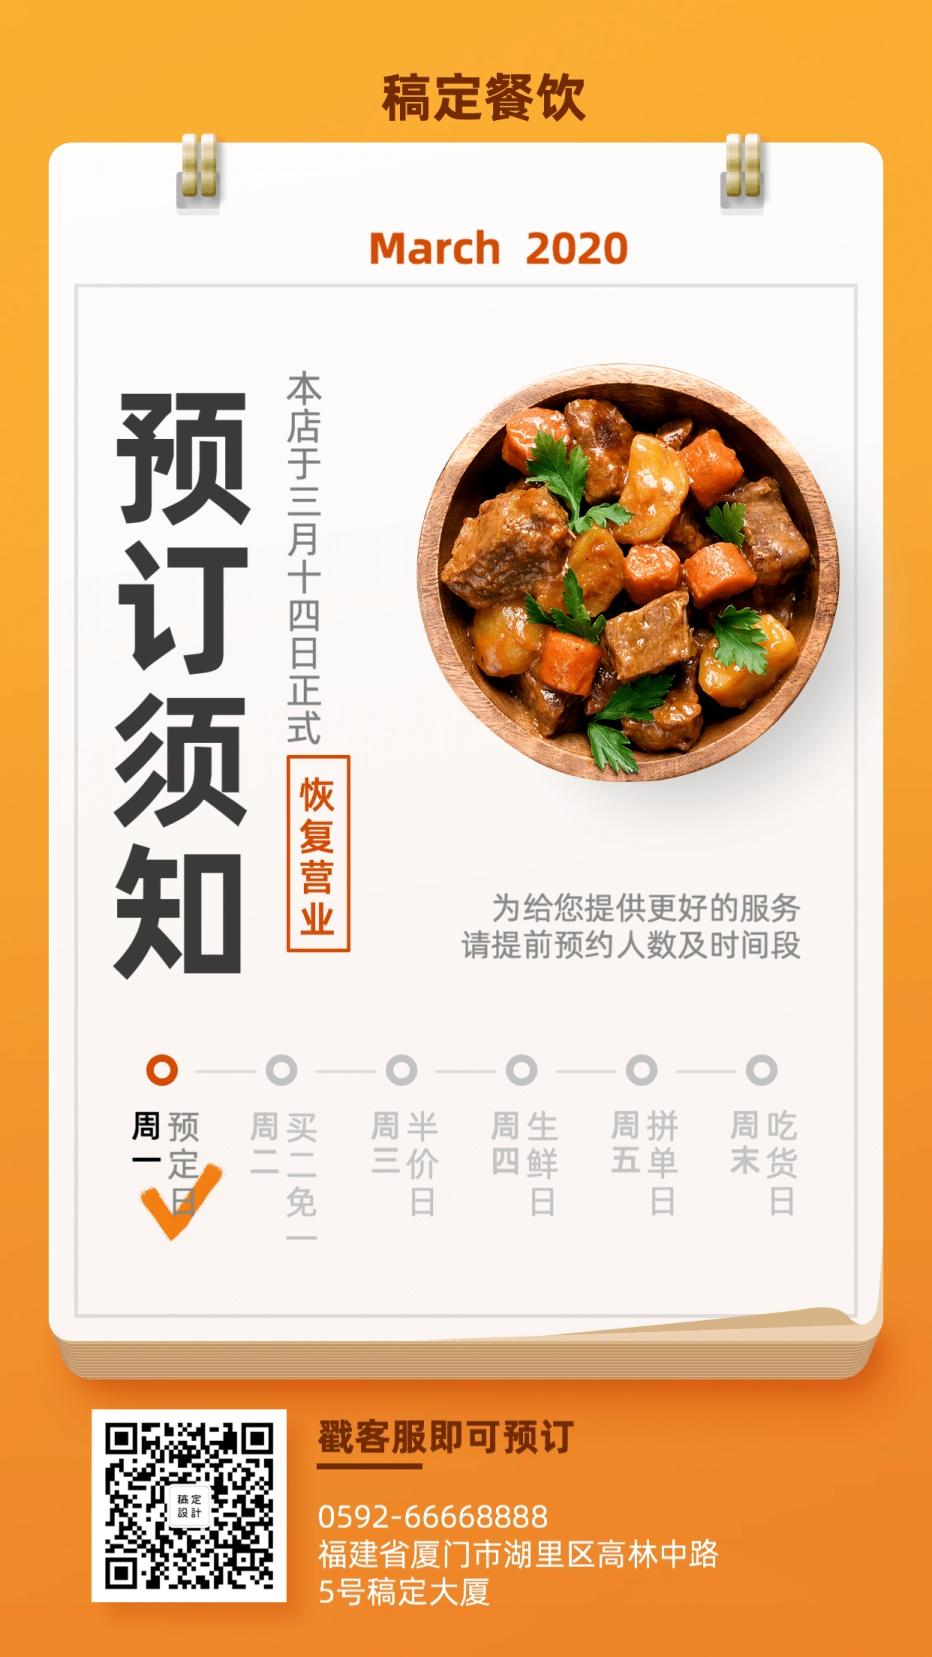 疫情复工餐饮营业预订通知海报